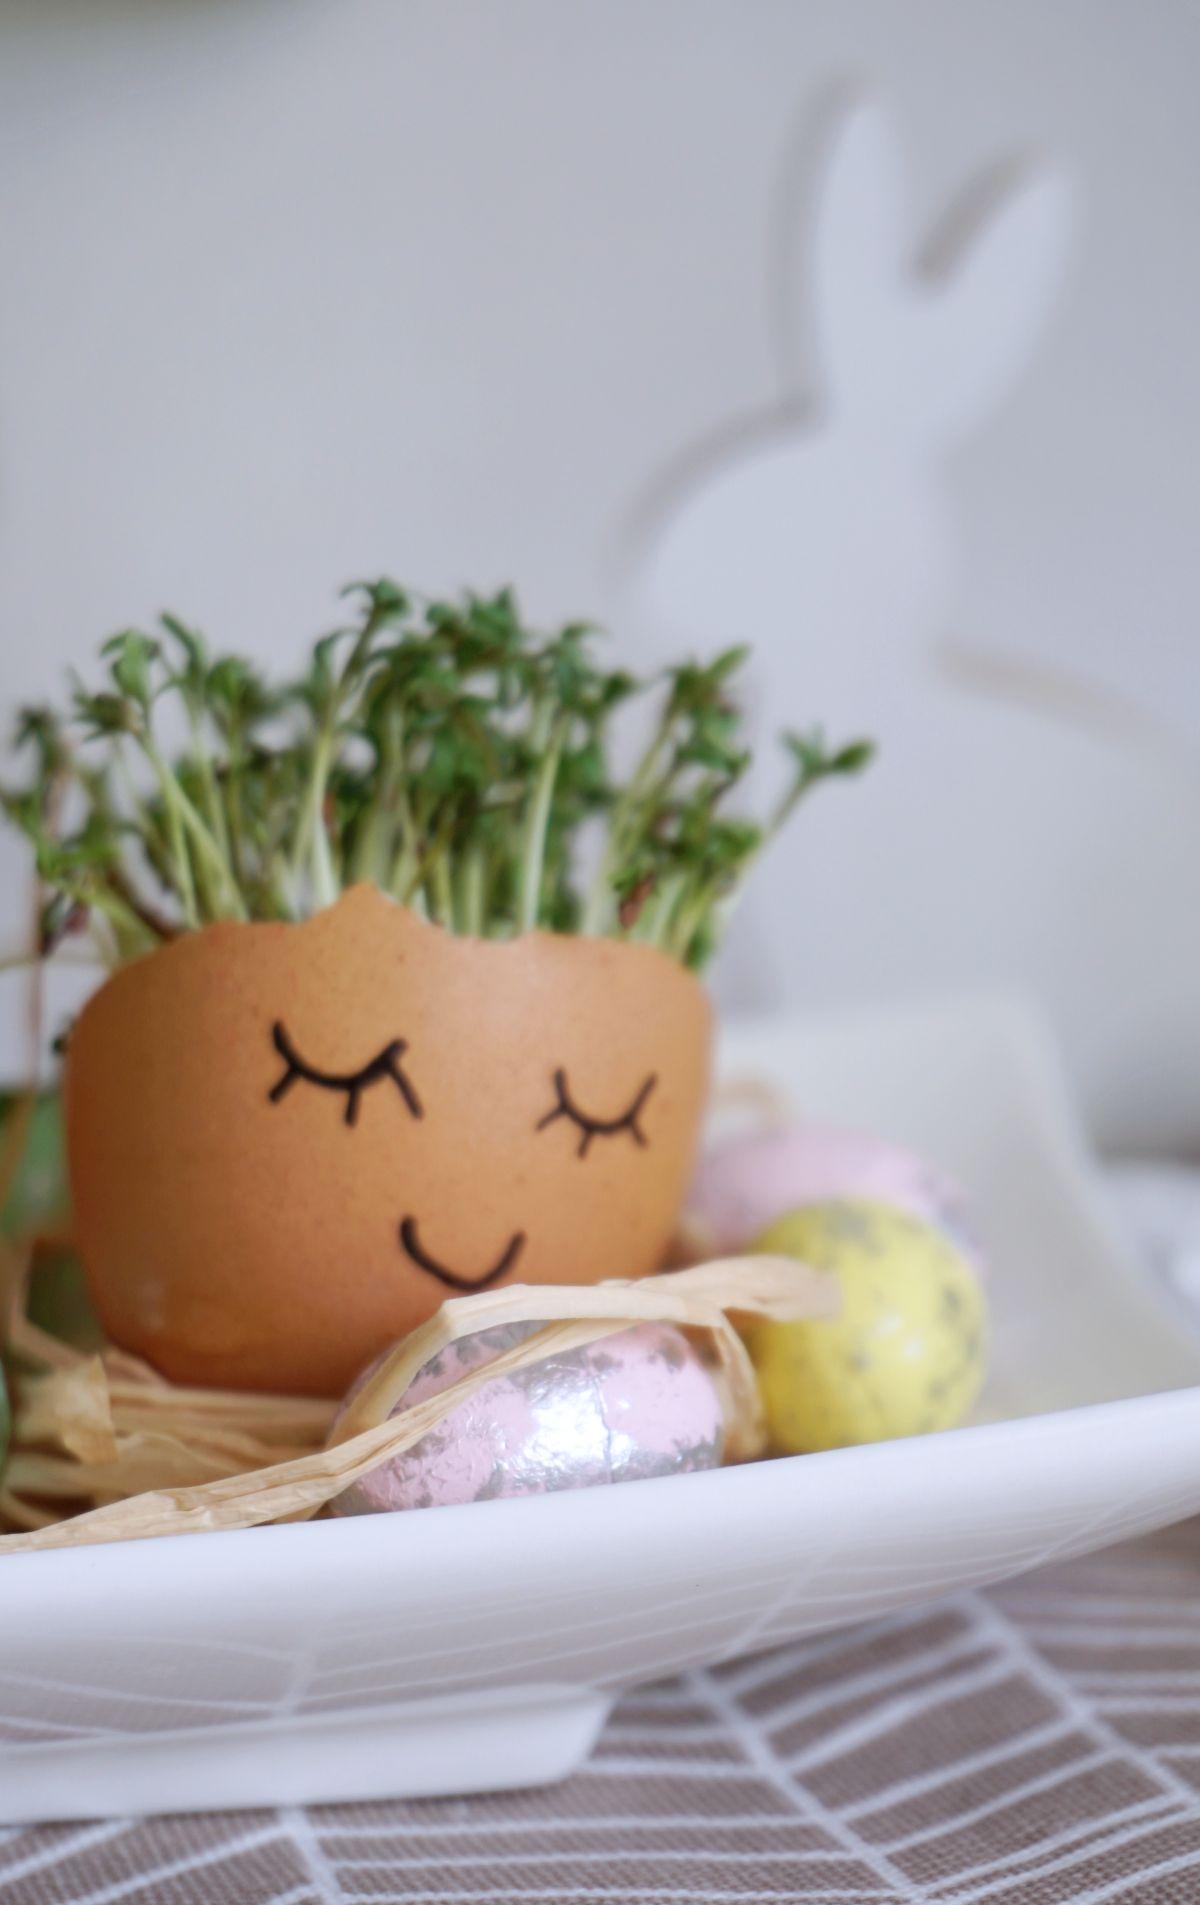 Zrób to sam dekoracja ze skorupek jaj na stół wielkanocny z rzeżuchą